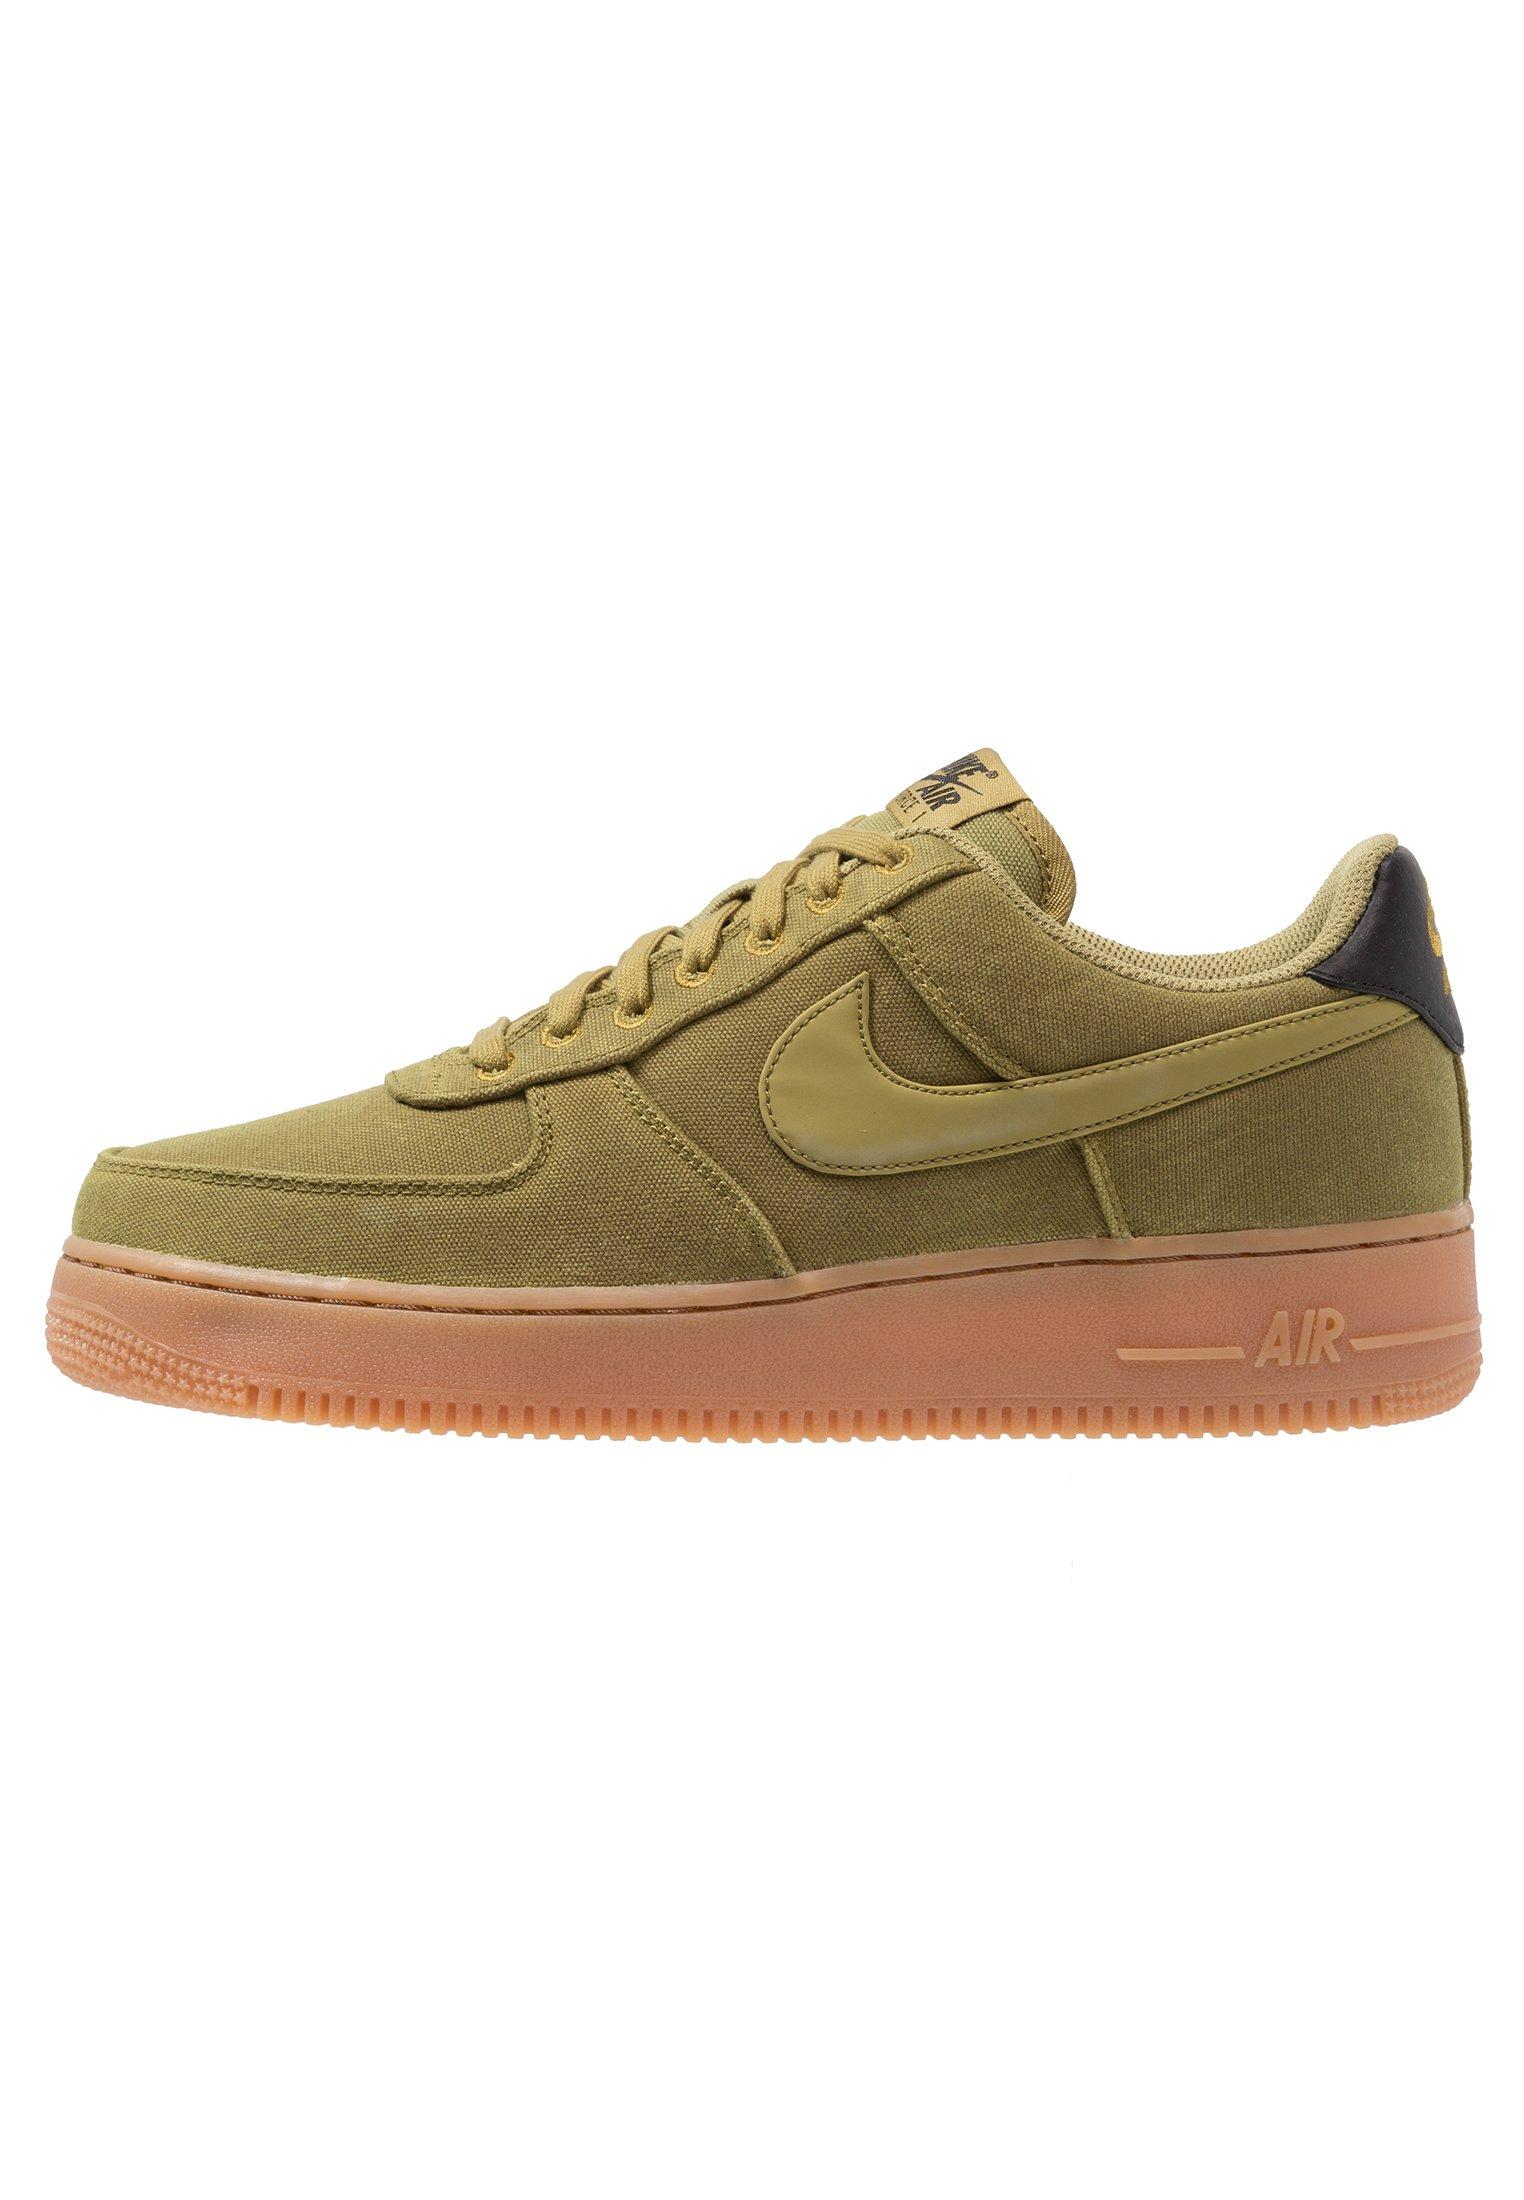 Sneaker basse Nike Donna | Air Force 1 07 SE W Beige Marrone